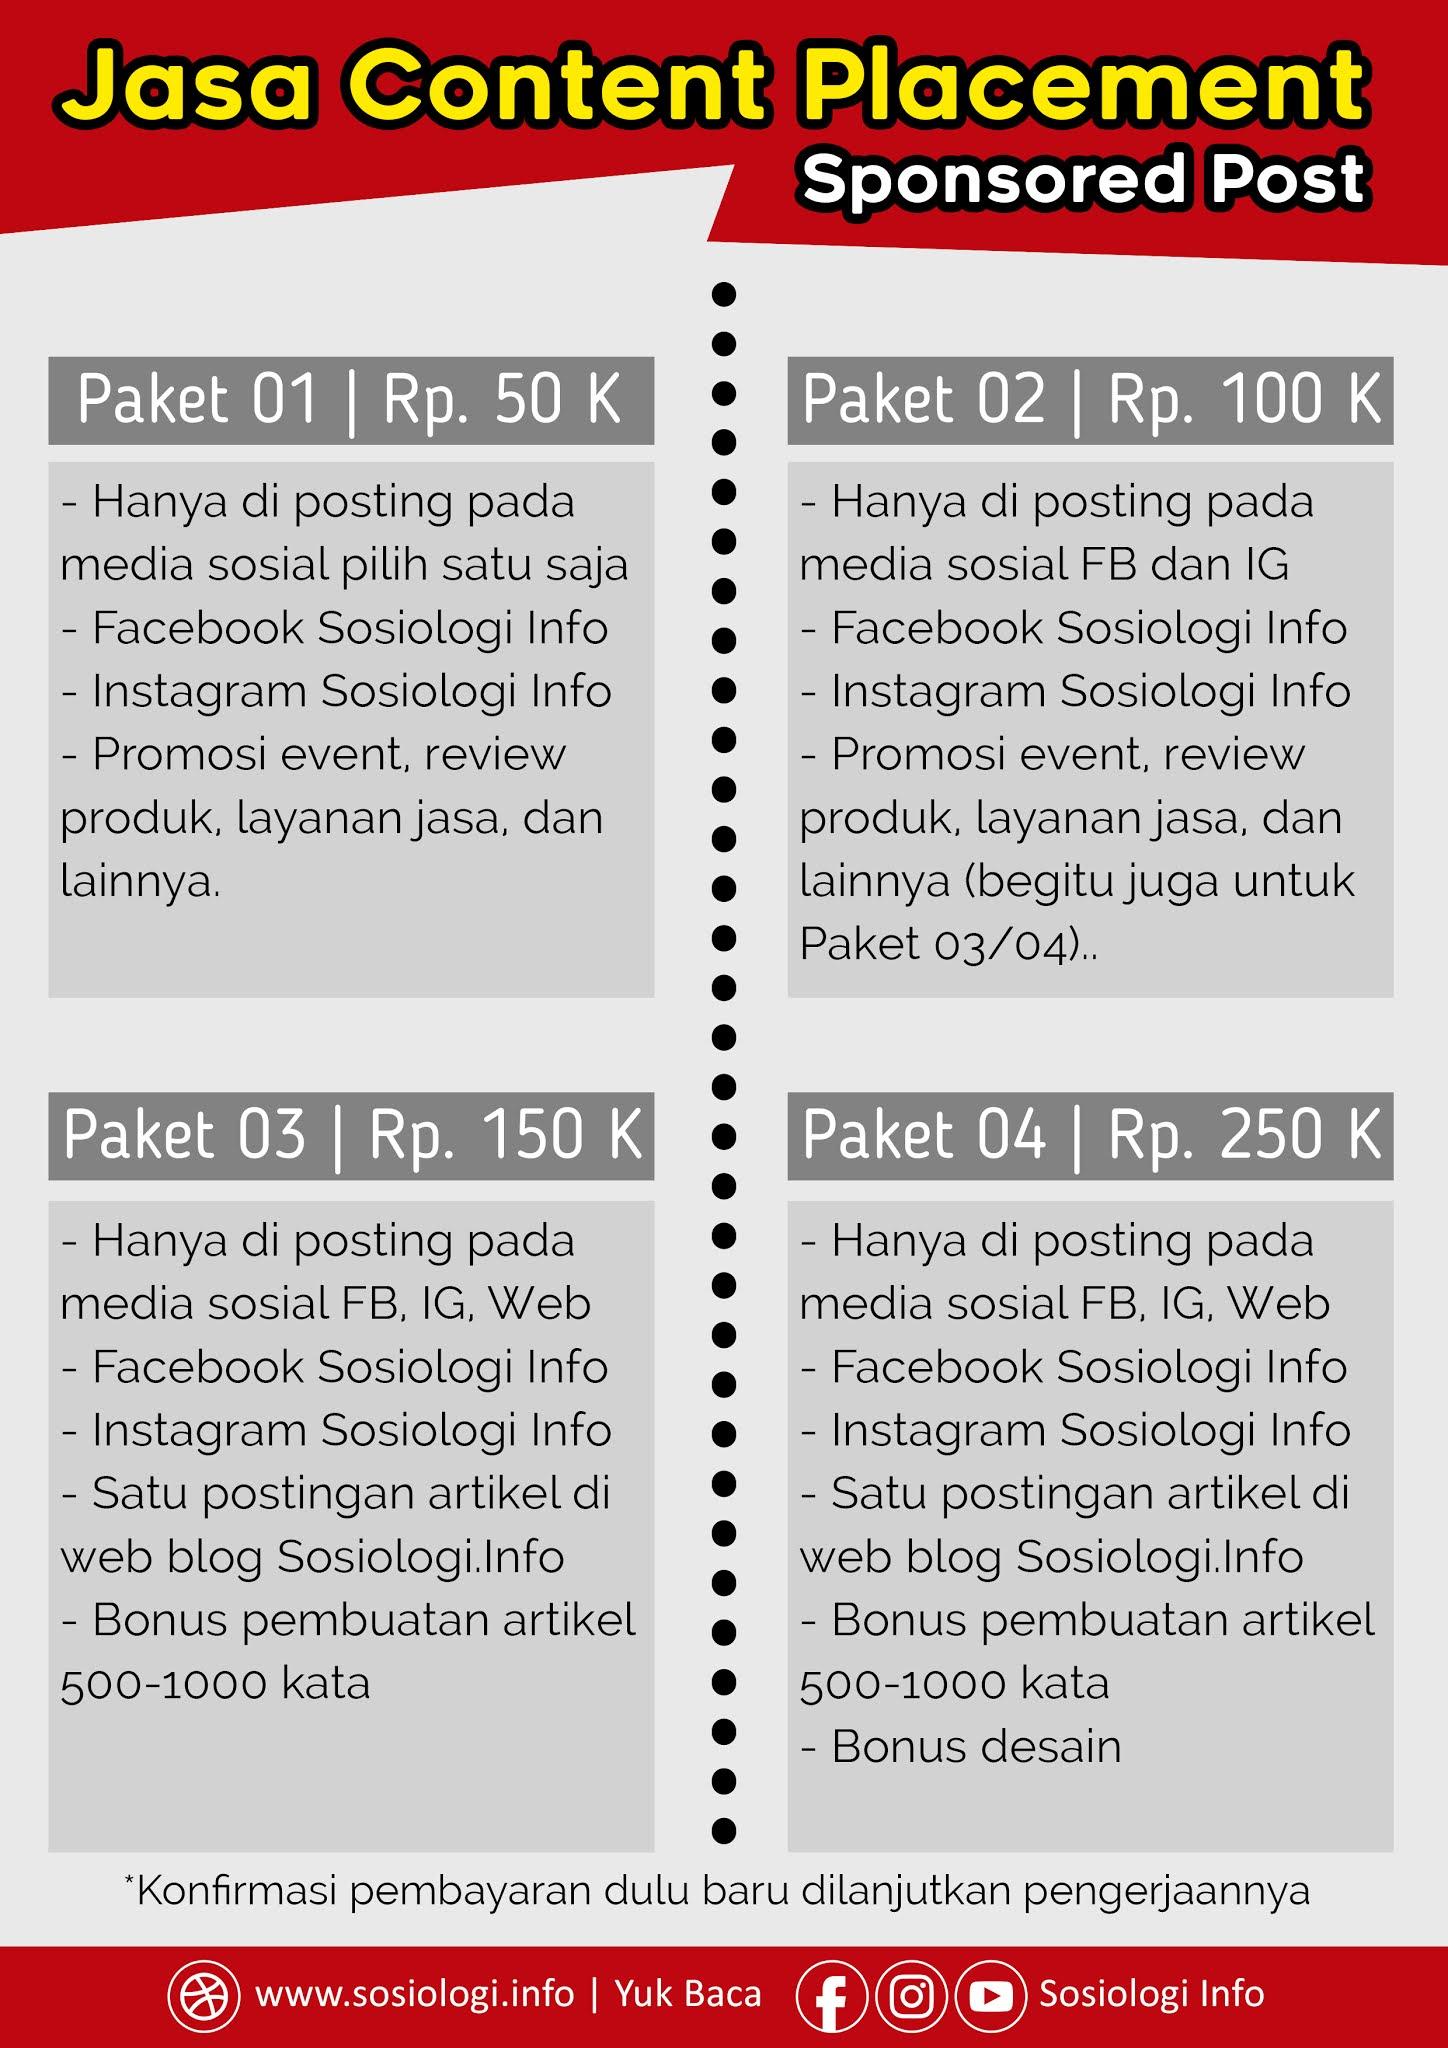 Jasa Content Placement dan Sponsored Post untuk Event, Review Produk